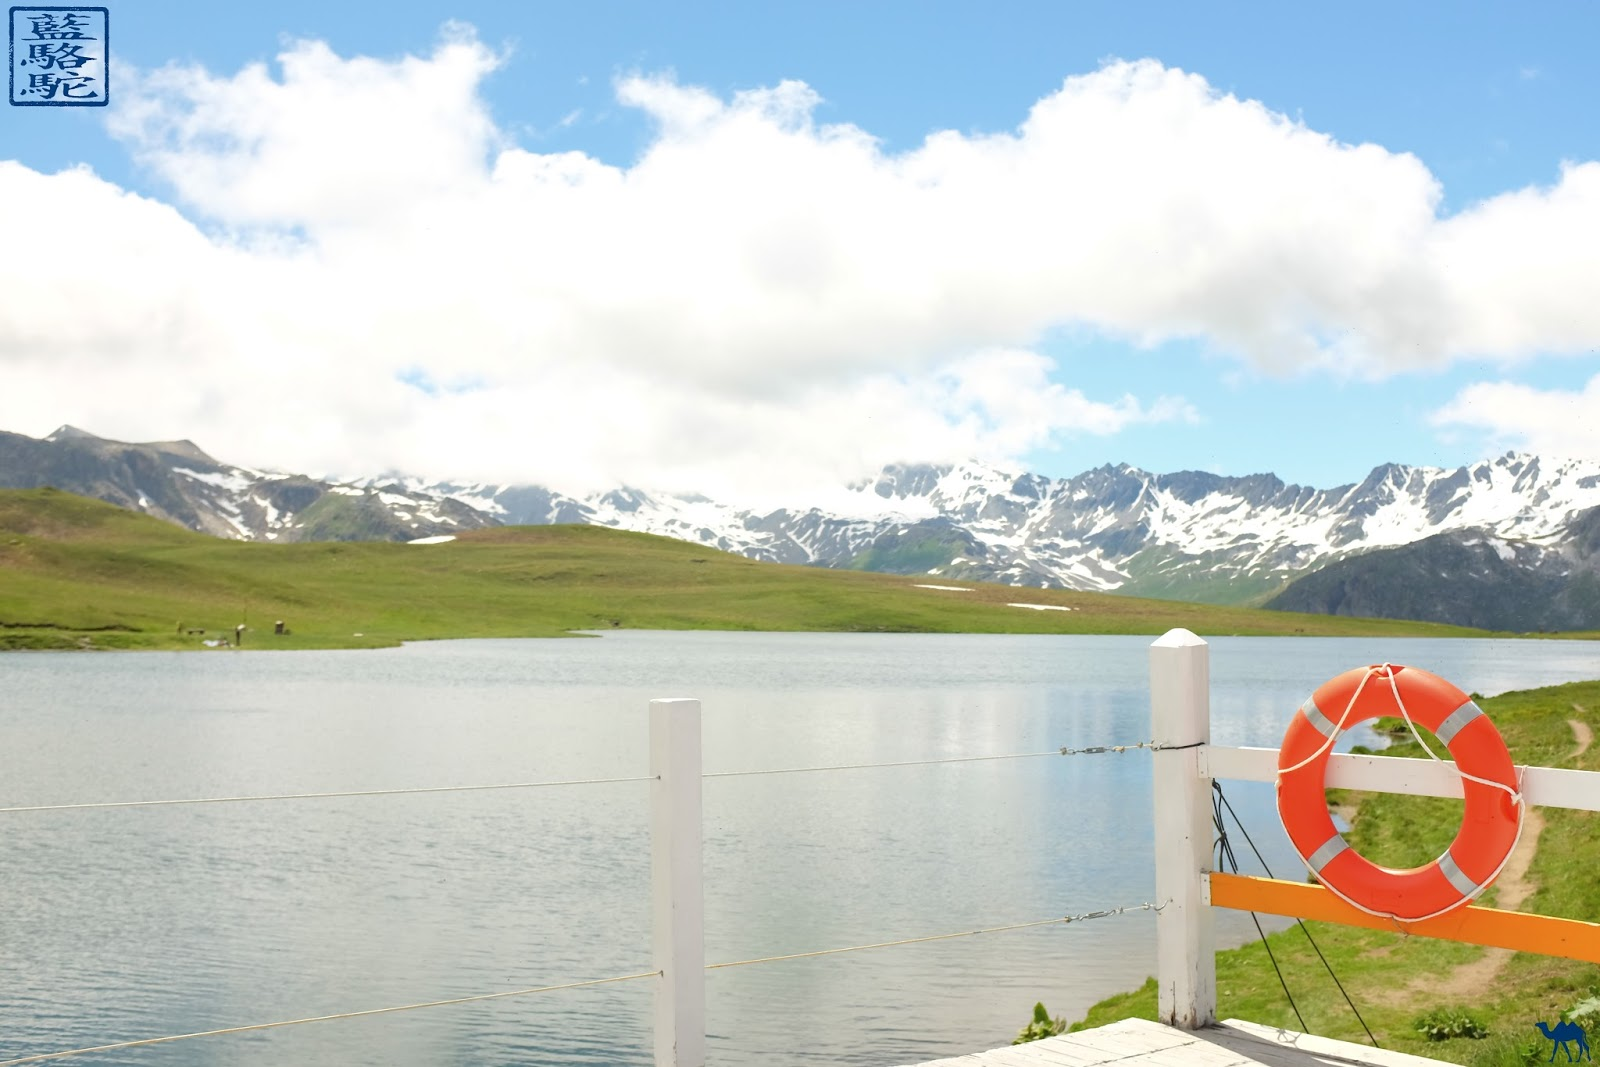 Le Chameau Bleu -   Val d'isere - Savoie - Lac de l'Ouillette - Vacances en Savoie